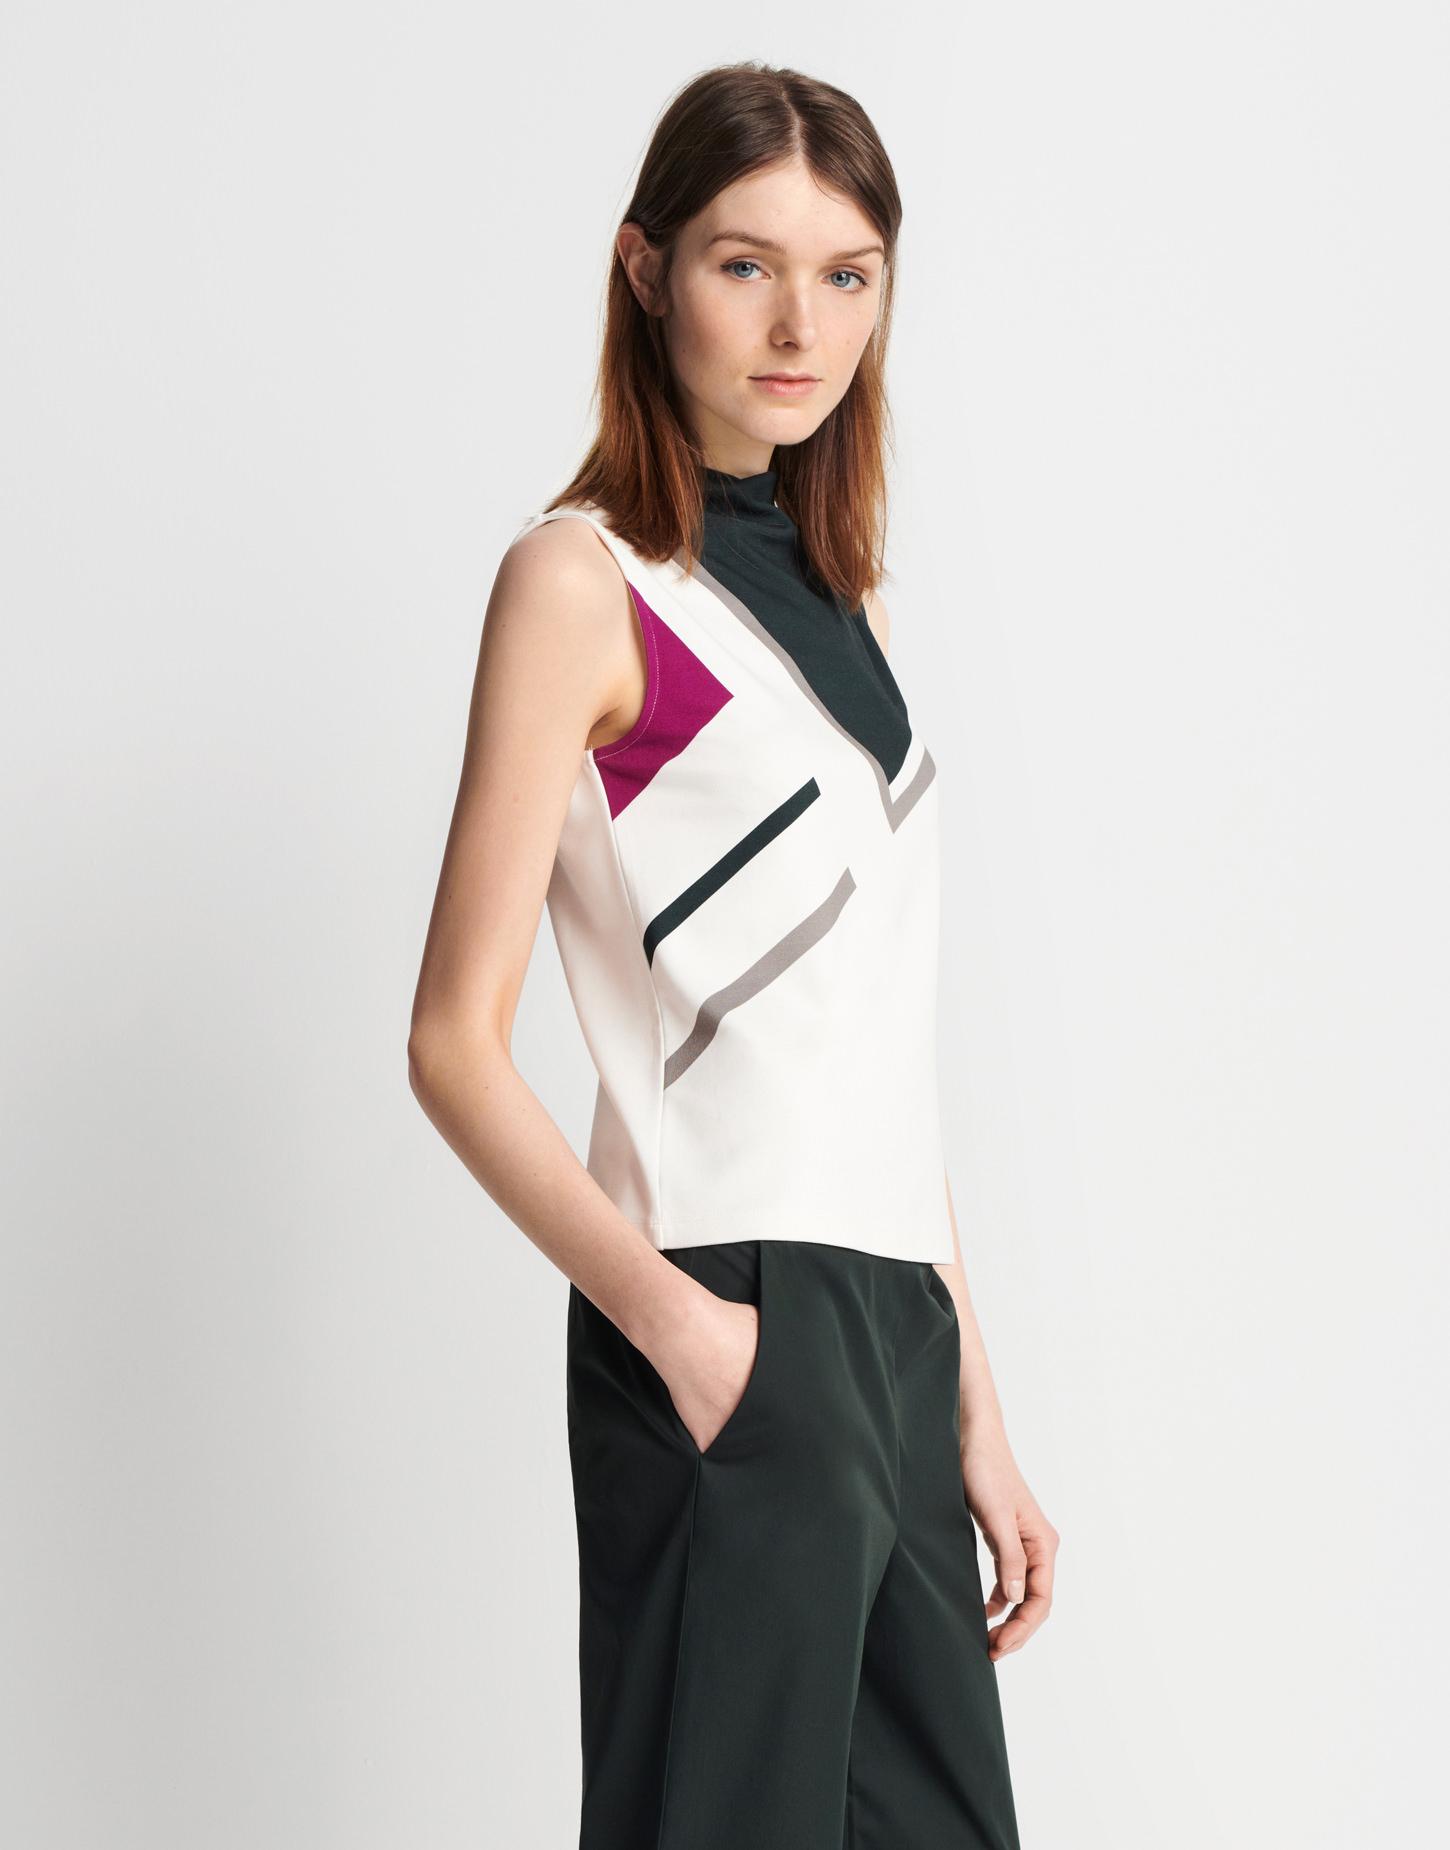 Preise Im Netz Top Kaitlyn geometric someday Schnelle Lieferung Hohe Qualität Zu Verkaufen OEnZYDwn